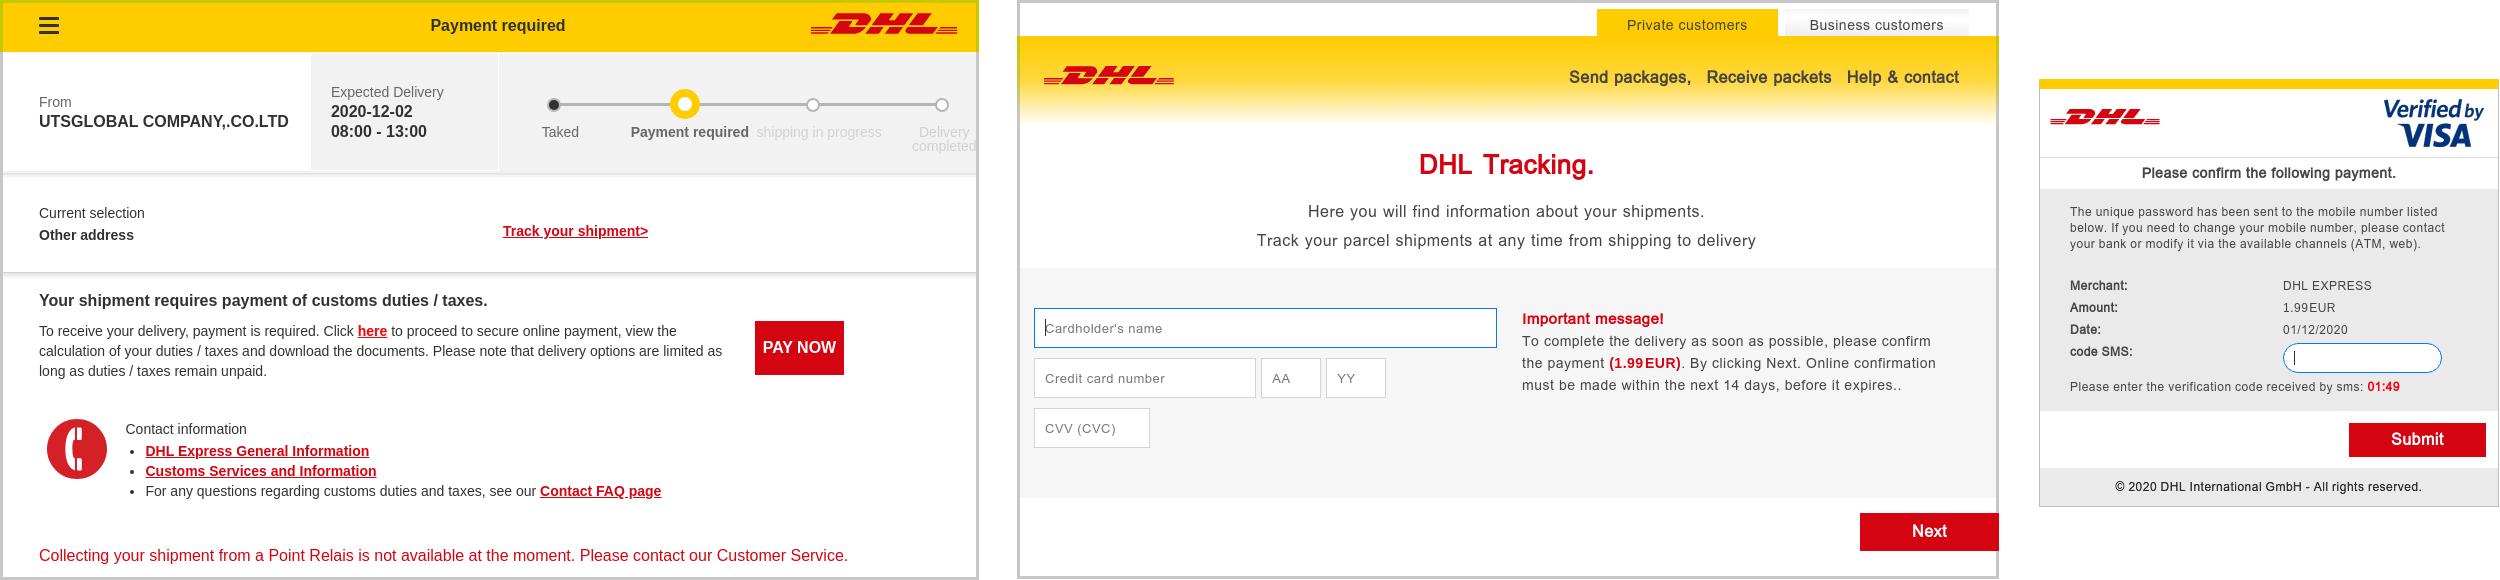 En el sitio web falso, se pide a los usuarios que ingresen información personal, los datos de sus tarjetas bancarias y, finalmente, un código proveniente de un mensaje de texto para verificar la transacción